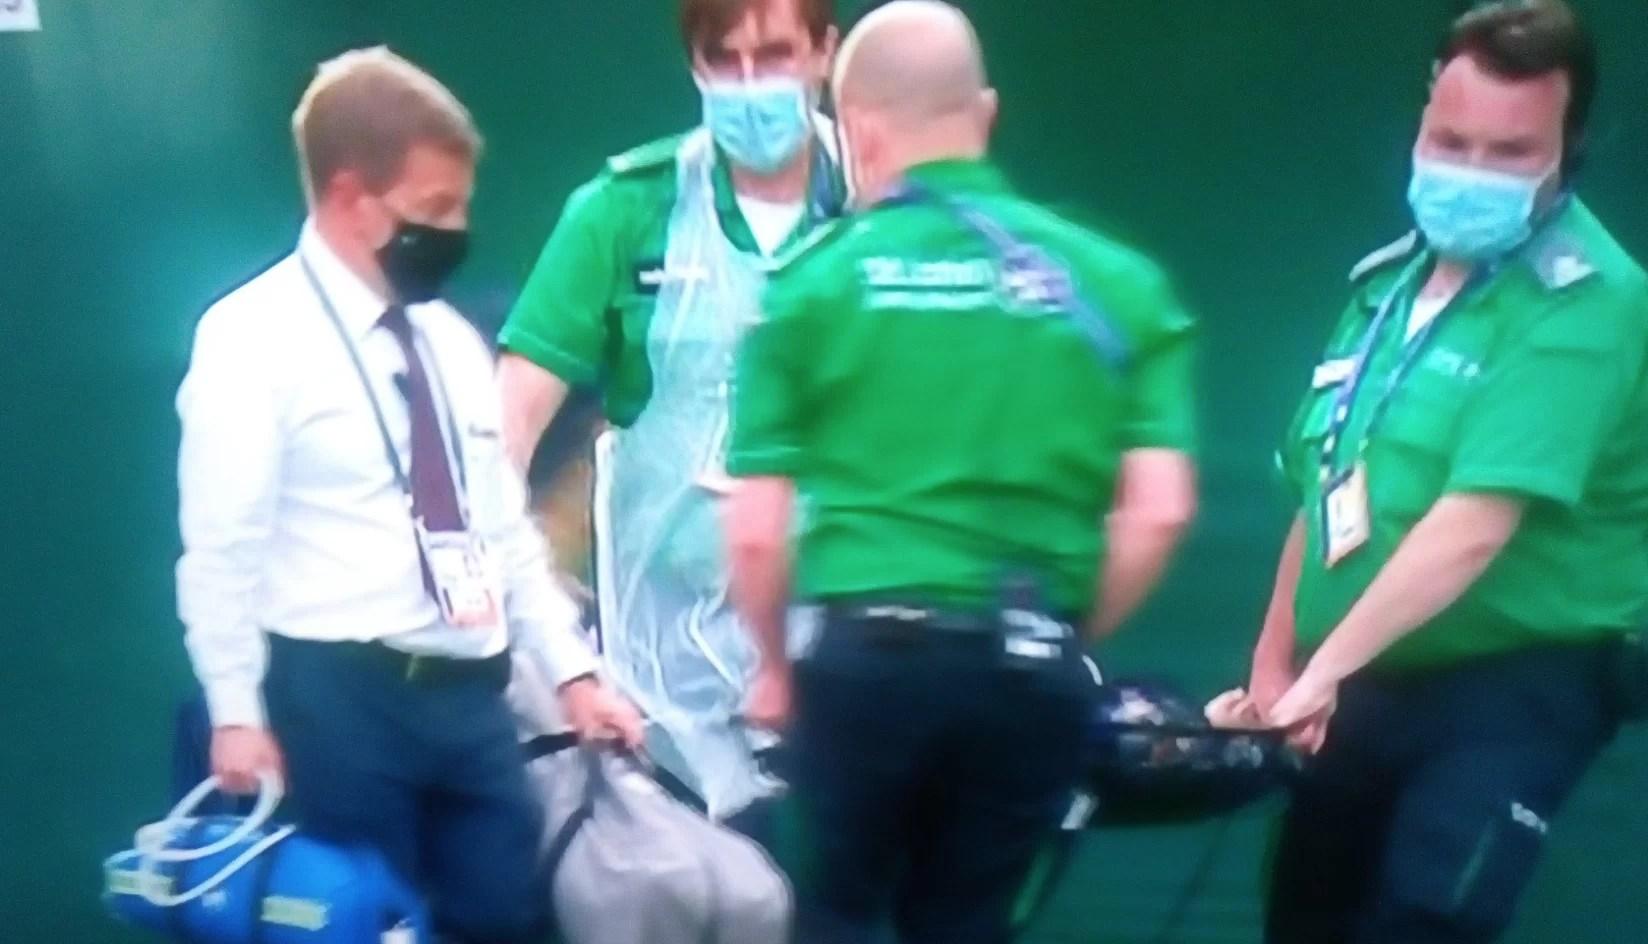 Wimbledon ball kid stretchered off court after slipping on grass | eTrends  News